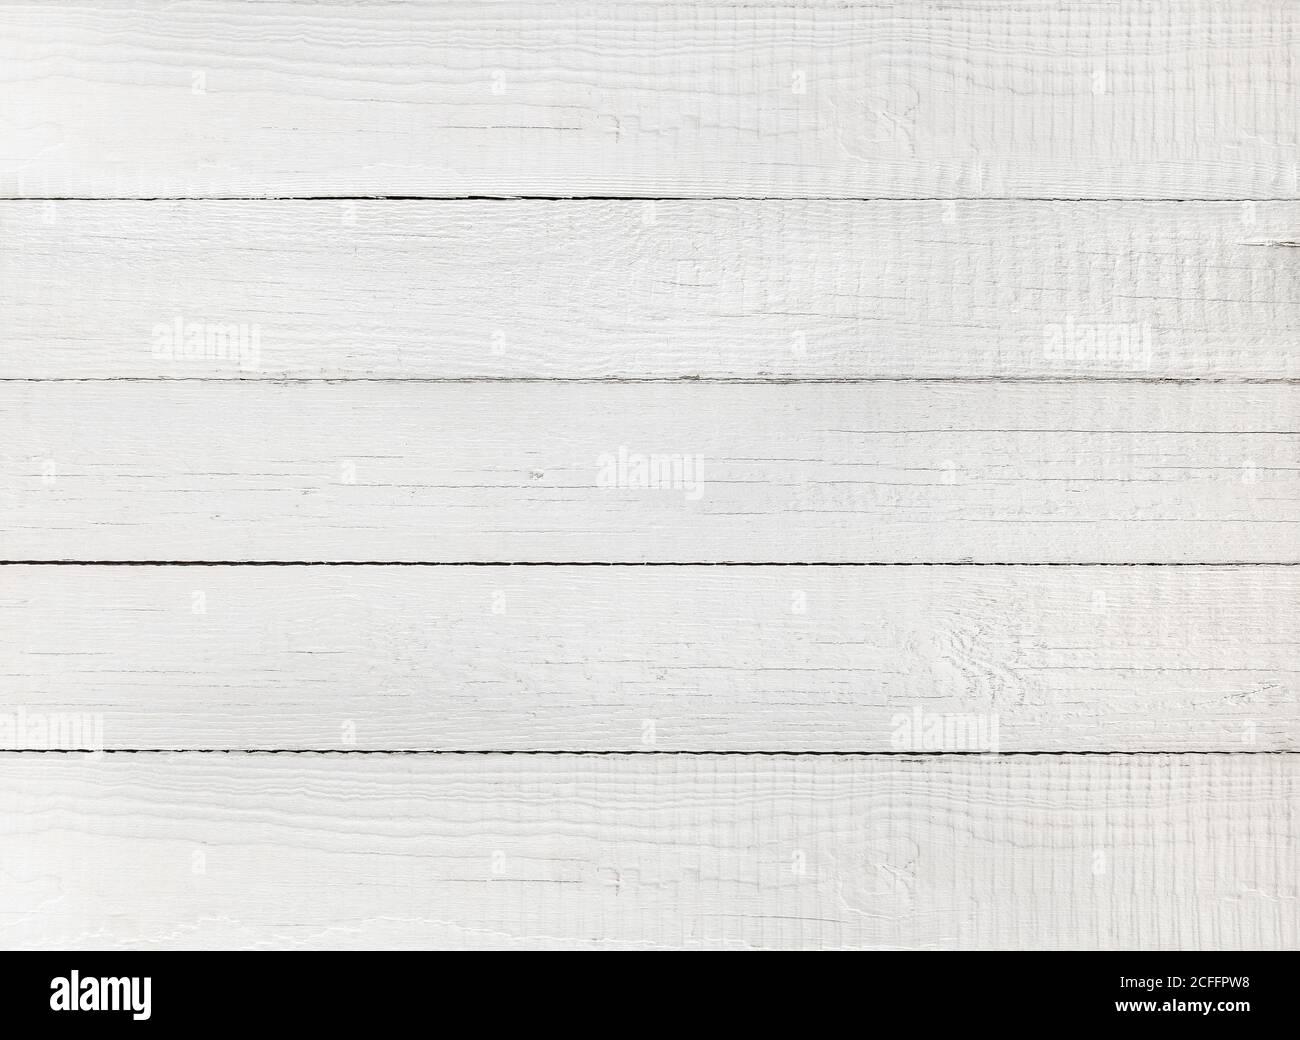 Fondo de madera de color blanco con textura natural. Papel digital Foto de stock